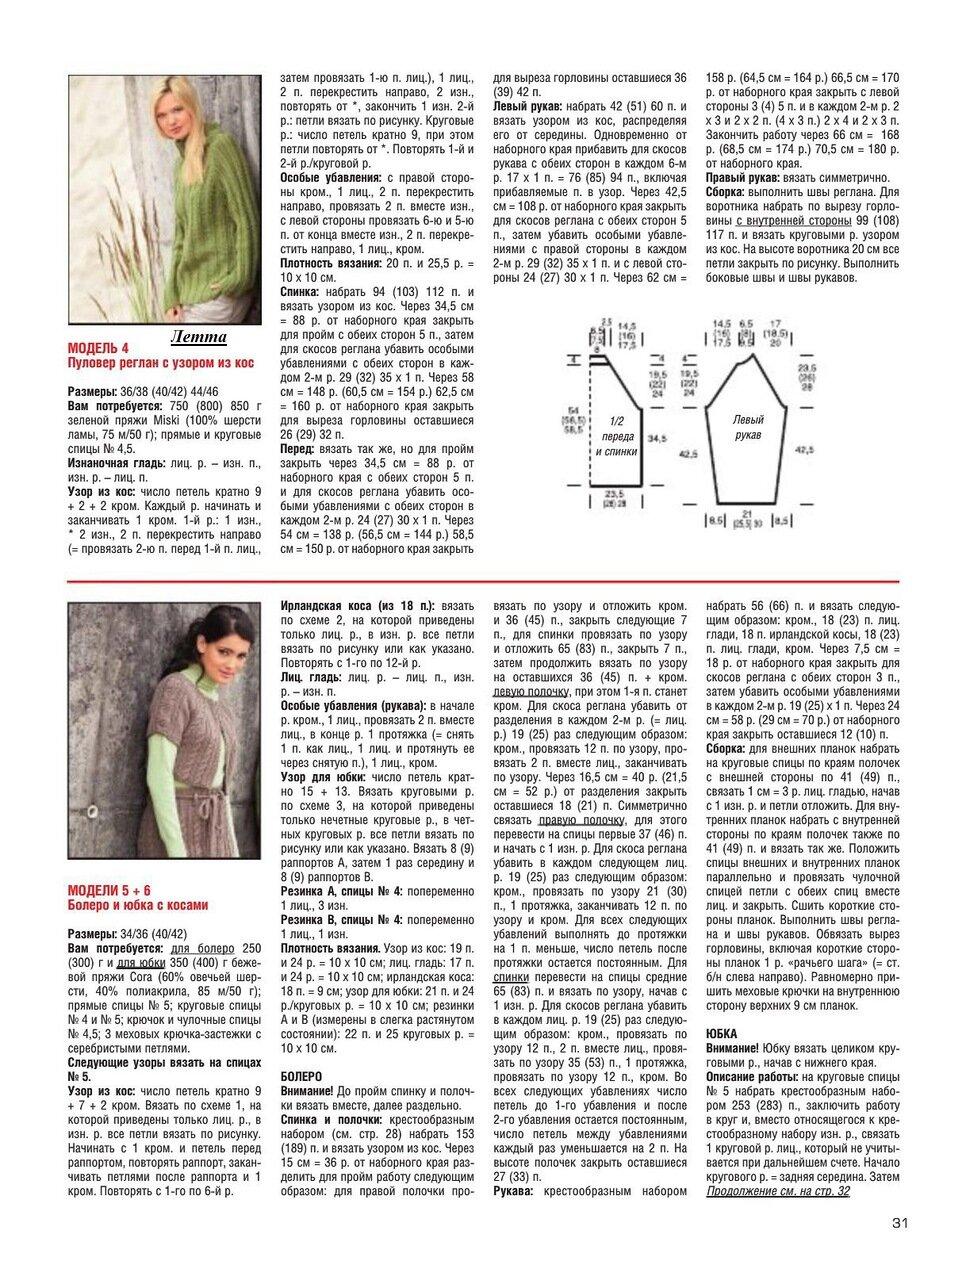 Поиск на Постиле: платья спицами реглан 2